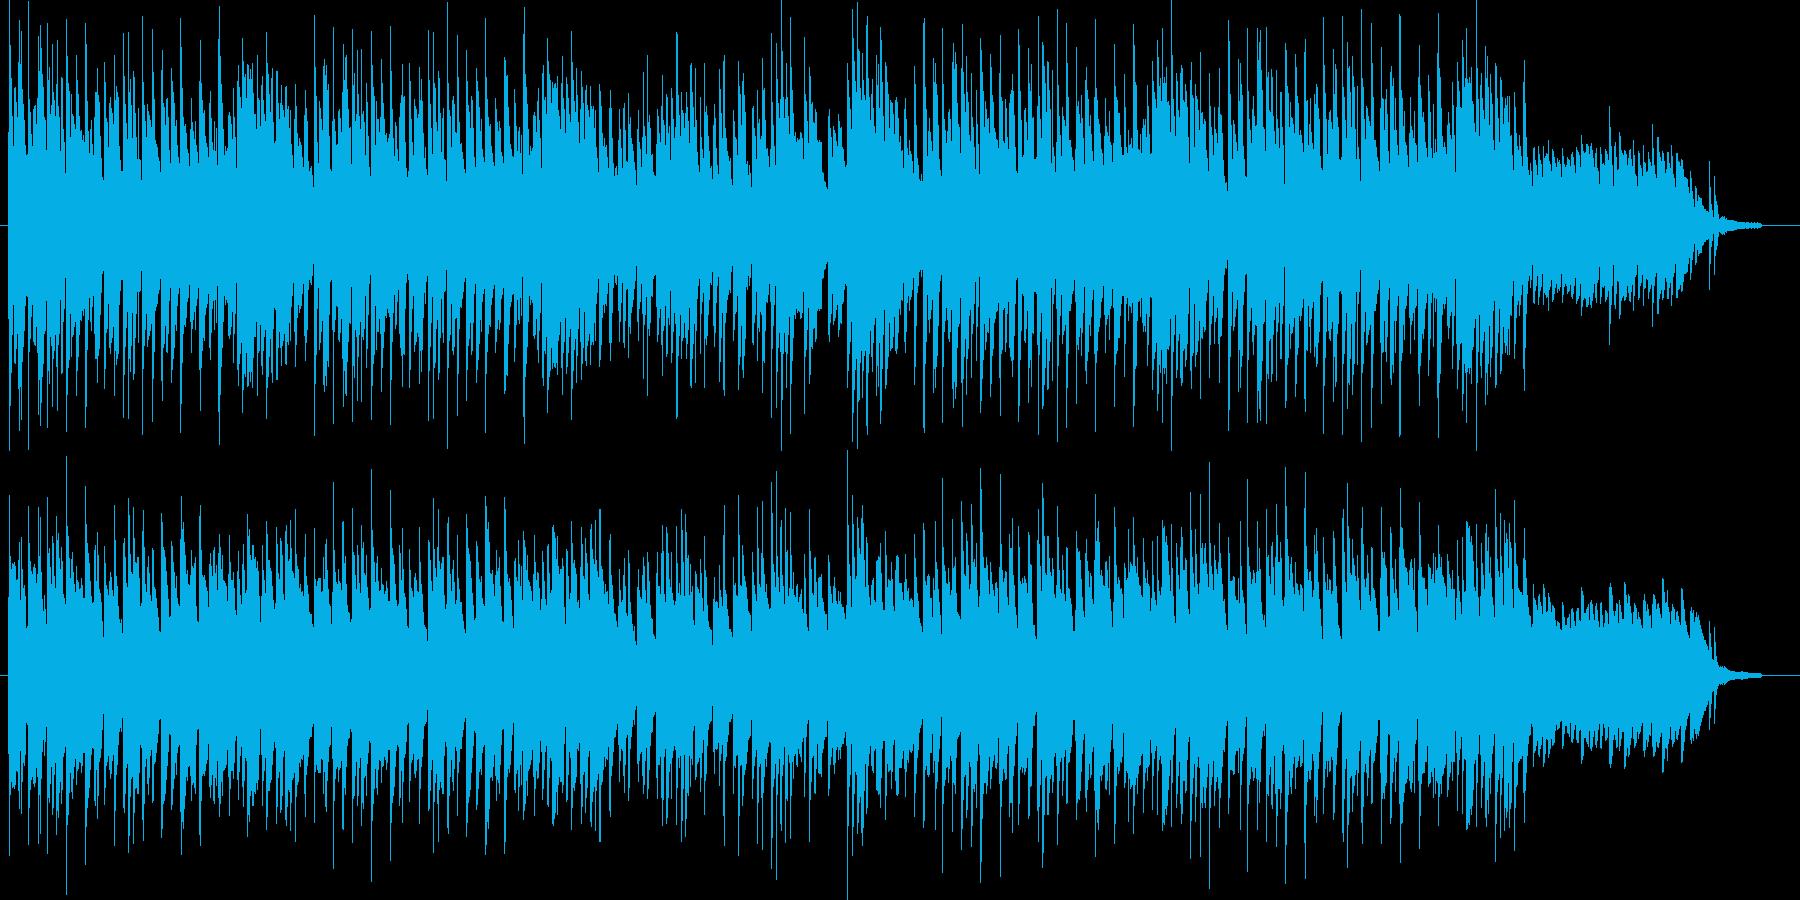 シリアスで切なげな雰囲気のピアノソロの再生済みの波形